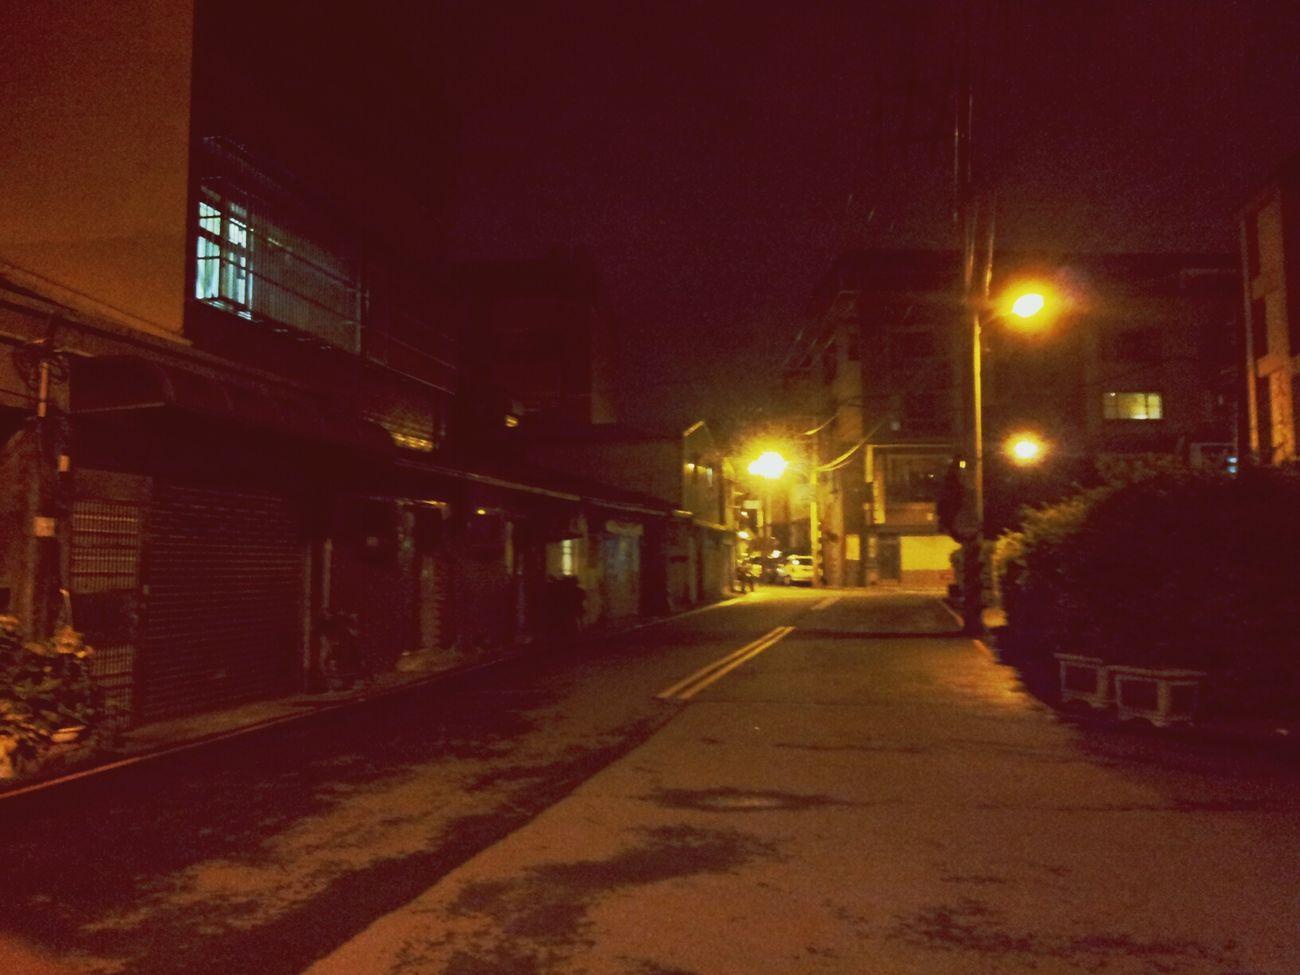 從小走到大的巷弄,連眷村的家都不見了~留下的只有帶不走的記憶與人事全非的寂寞。Where is home?! Streetphotography Nightphotography LongWaysFromHome Light And Shadow